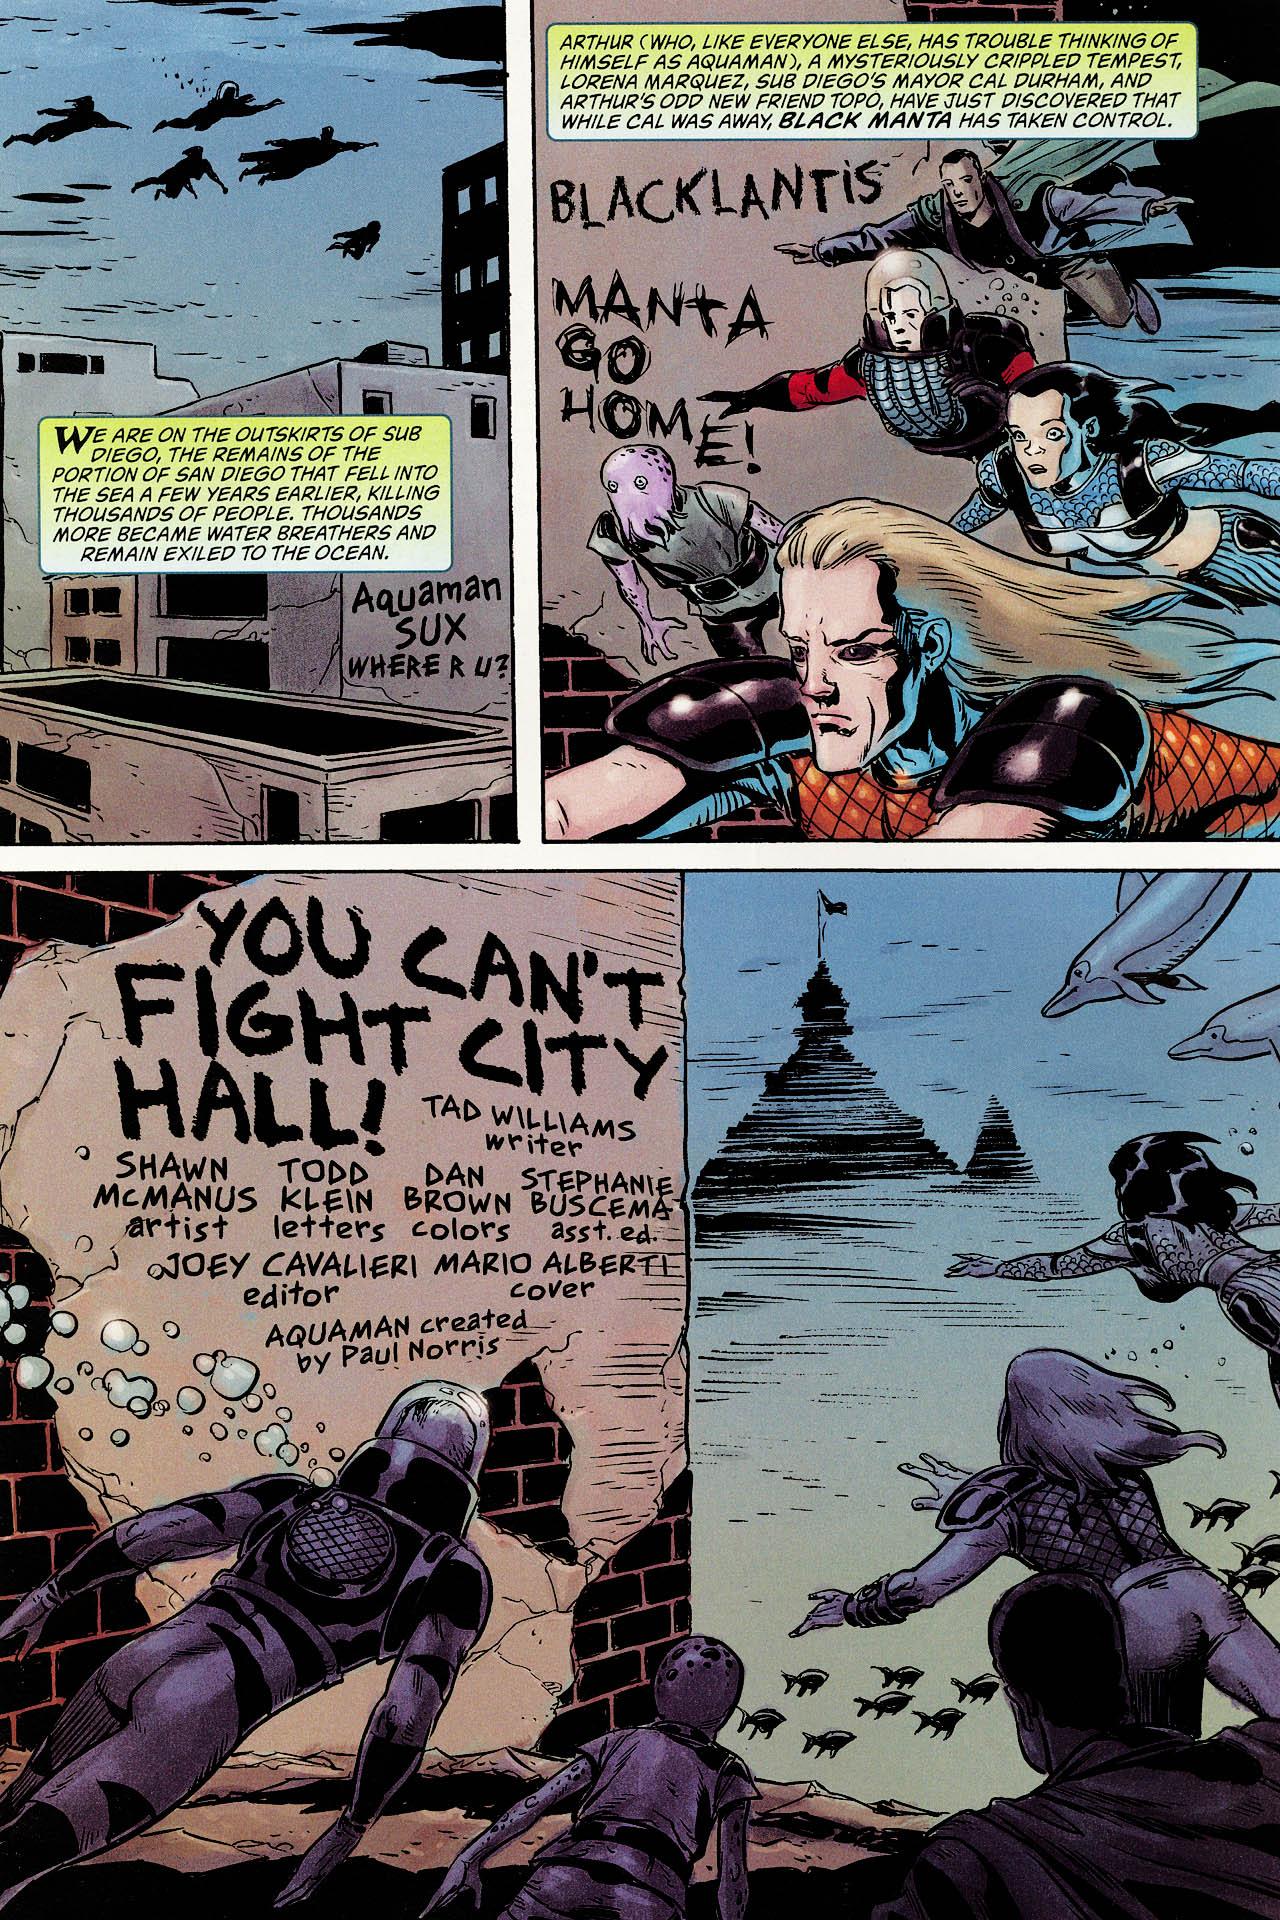 Read online Aquaman: Sword of Atlantis comic -  Issue #52 - 2